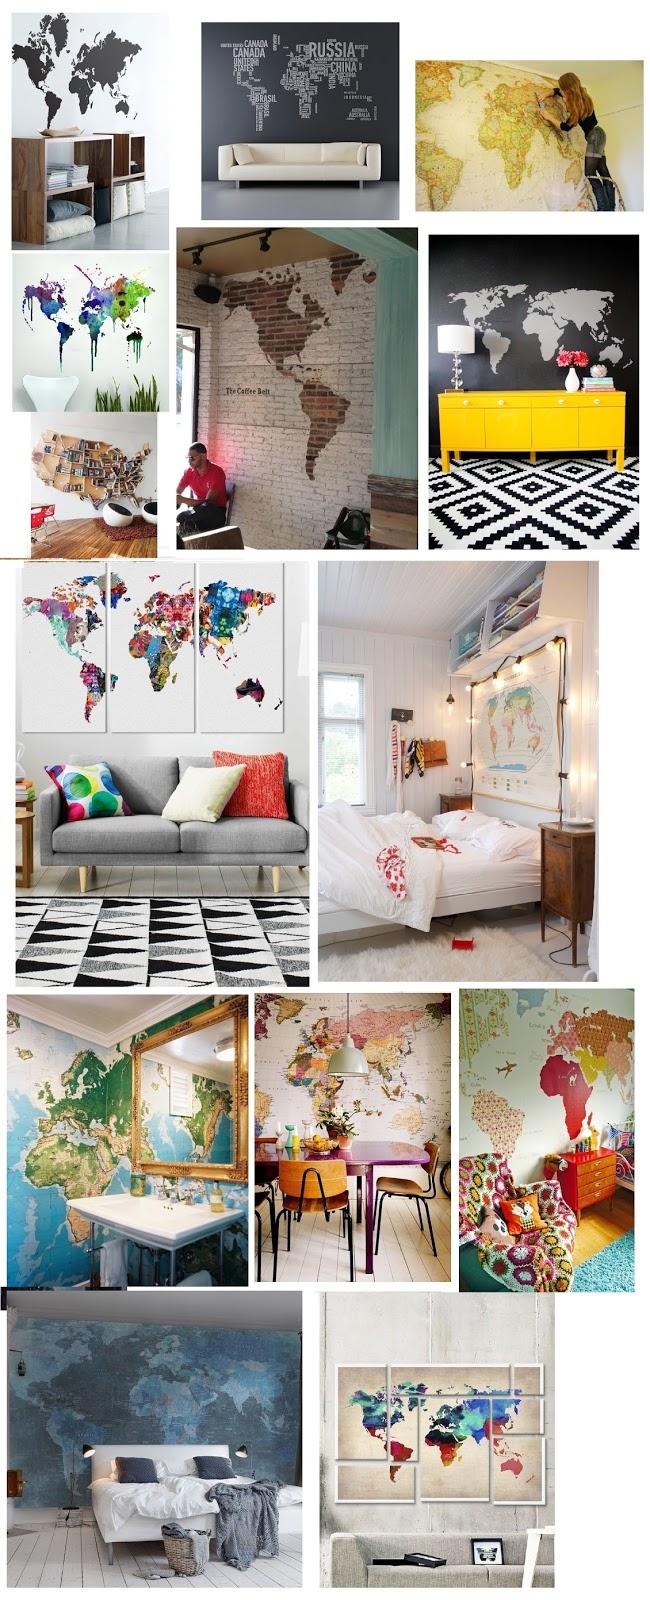 Montagem com várias inspirações de Wall Decal de mapas